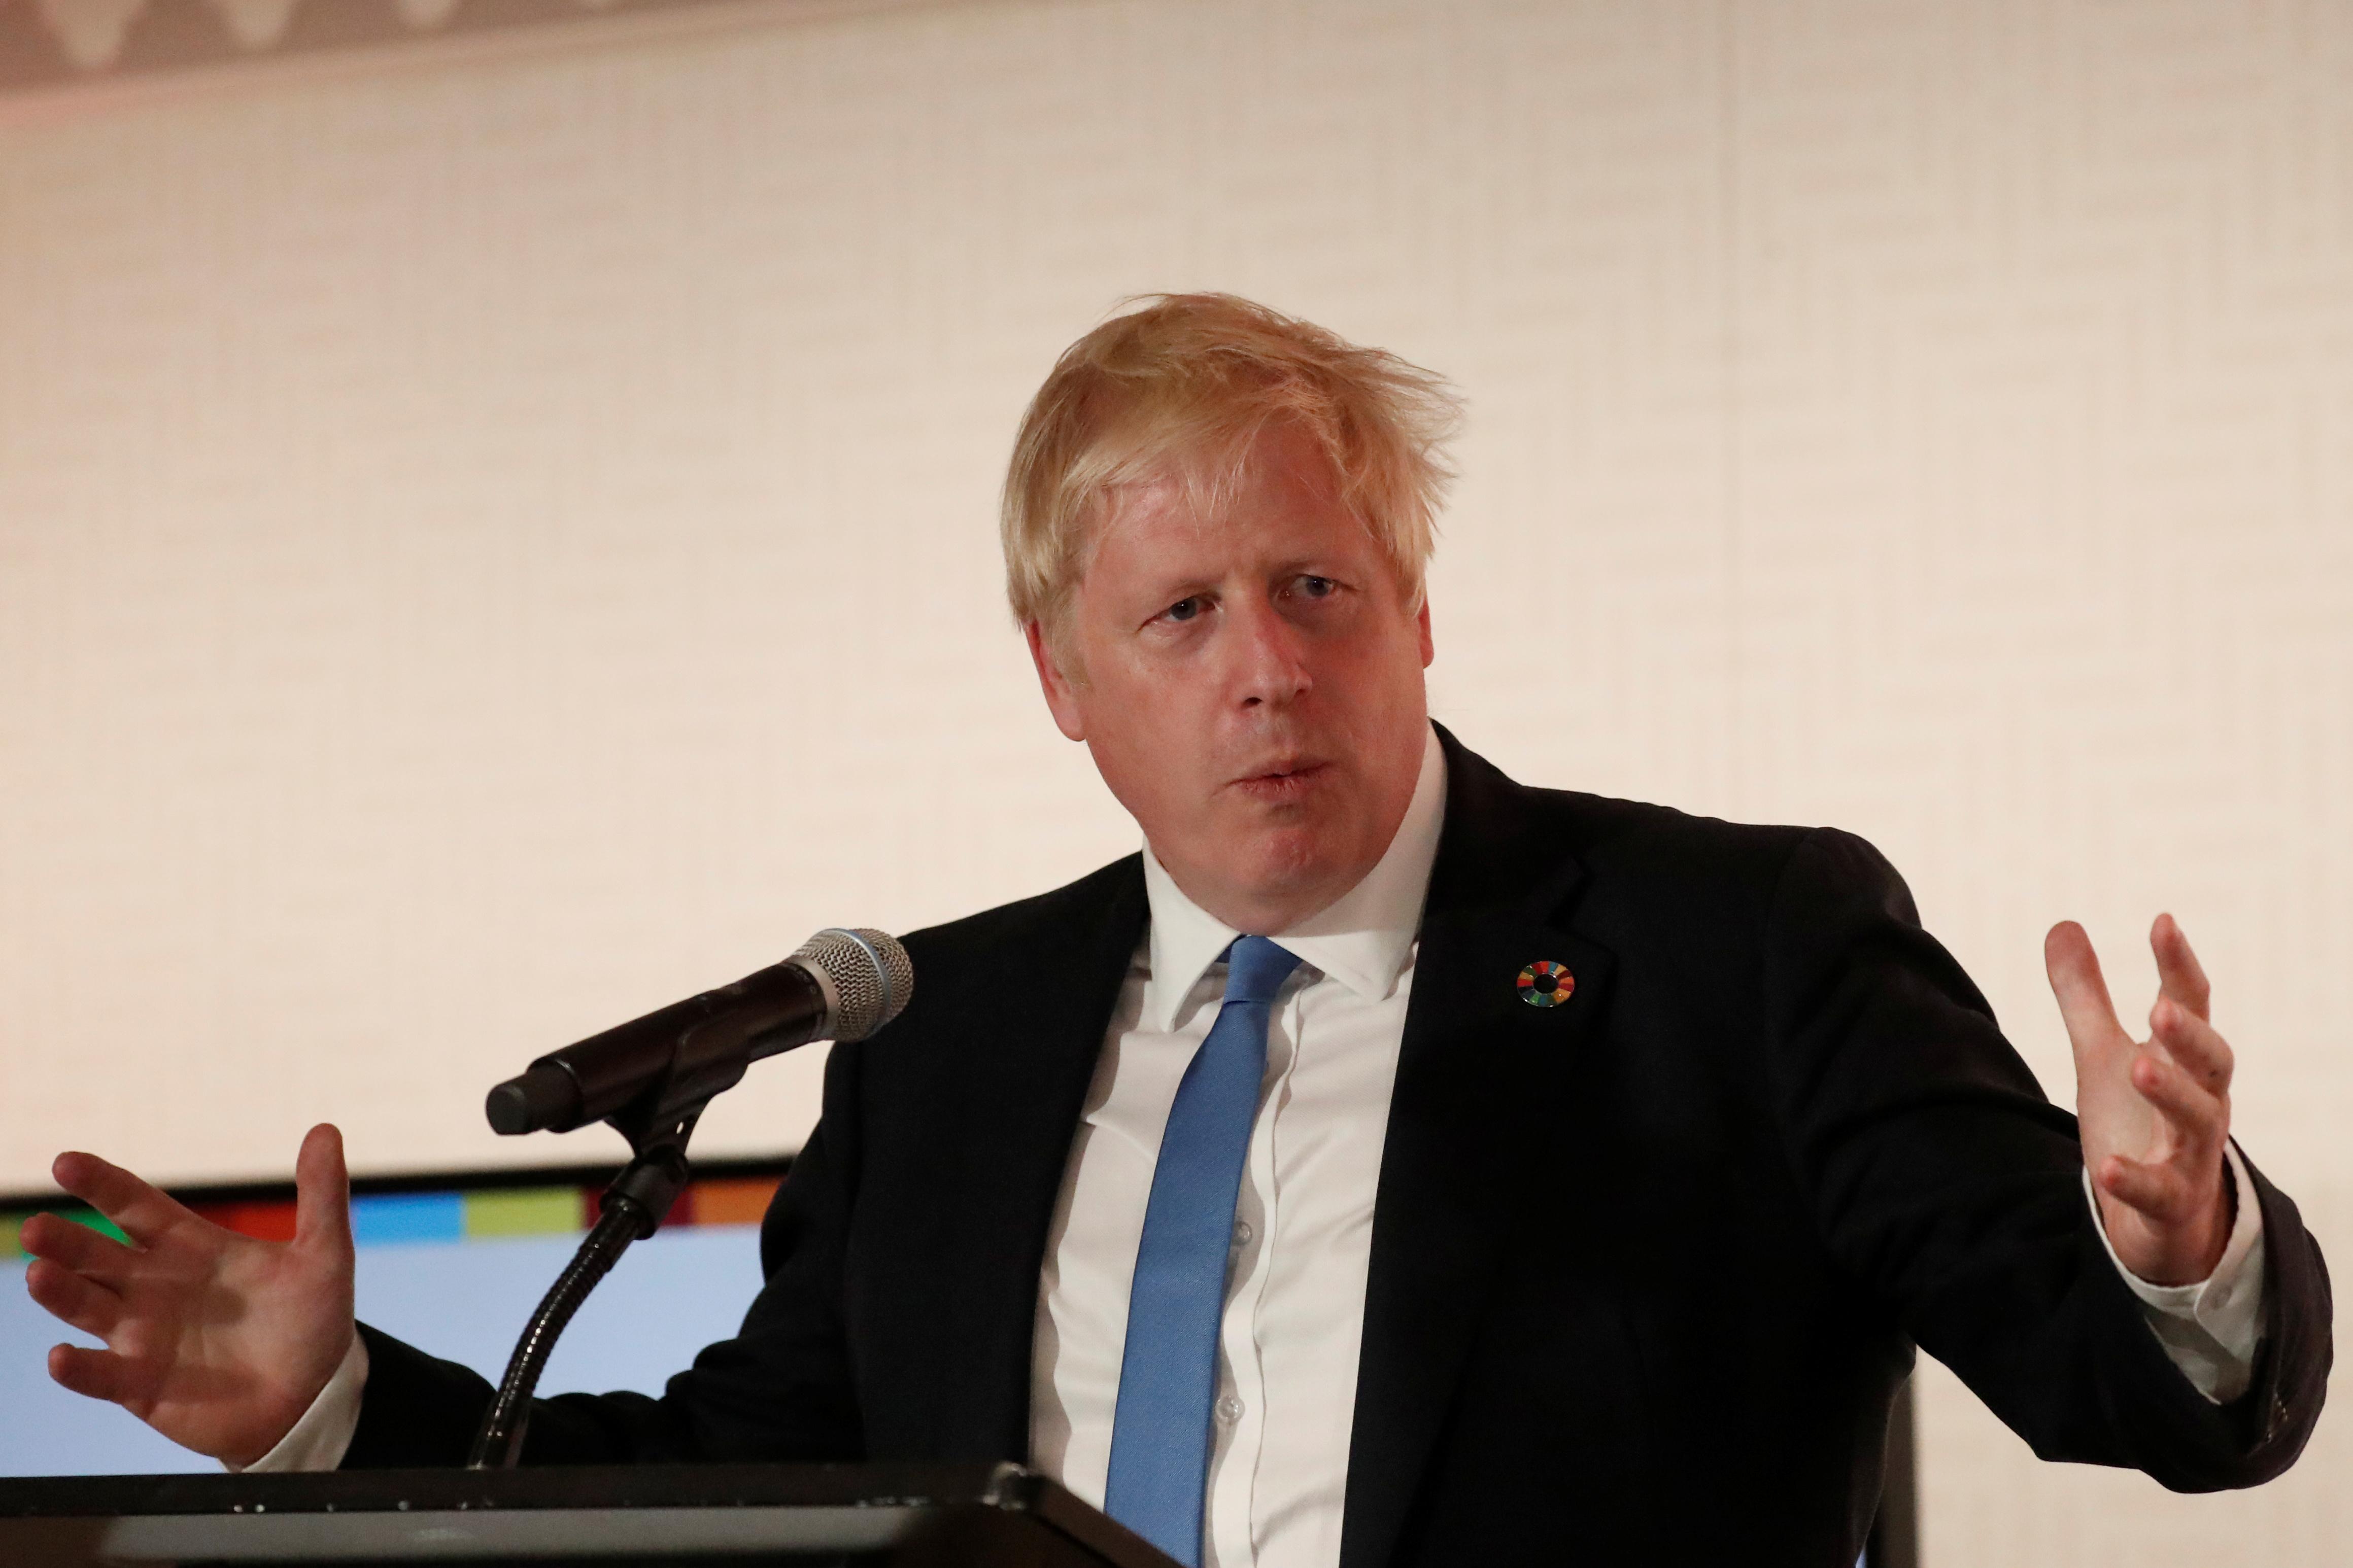 Brexit : la Cour suprême humilie Boris Johnson en jugeant illégale la suspension parlementaire